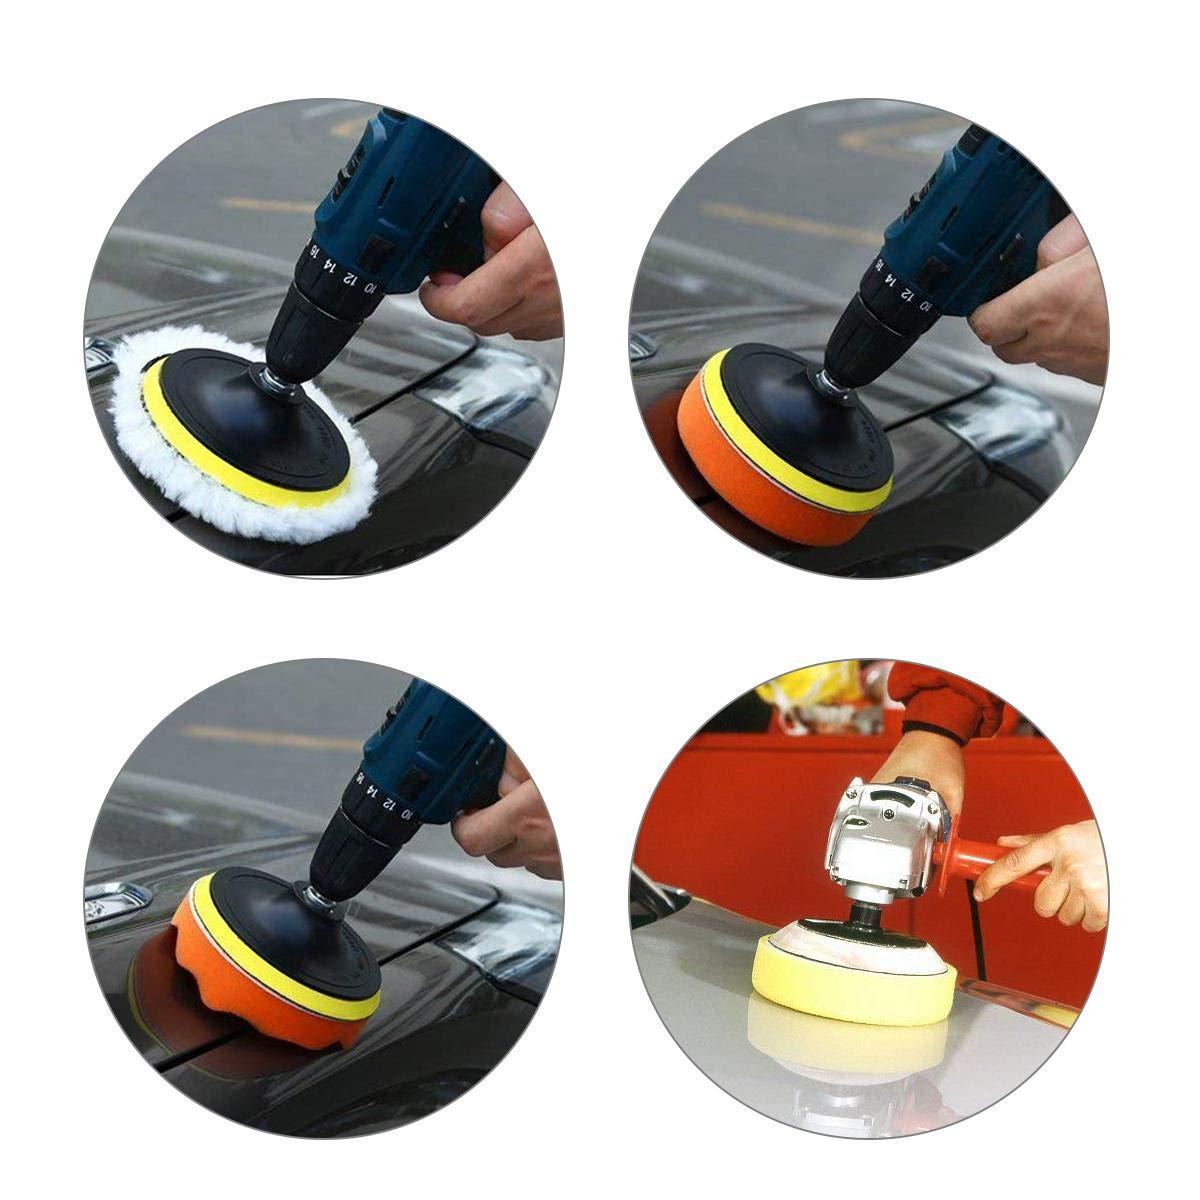 Tampons de polissage pour perceuse Aolvo complet 7,6/cm de voiture en mousse perceuse polissage Pad Kit compos/é de Professional perceuse /éponge de polissage Ensemble de coussinets pour voiture de pon/çage//polissage///épilatio